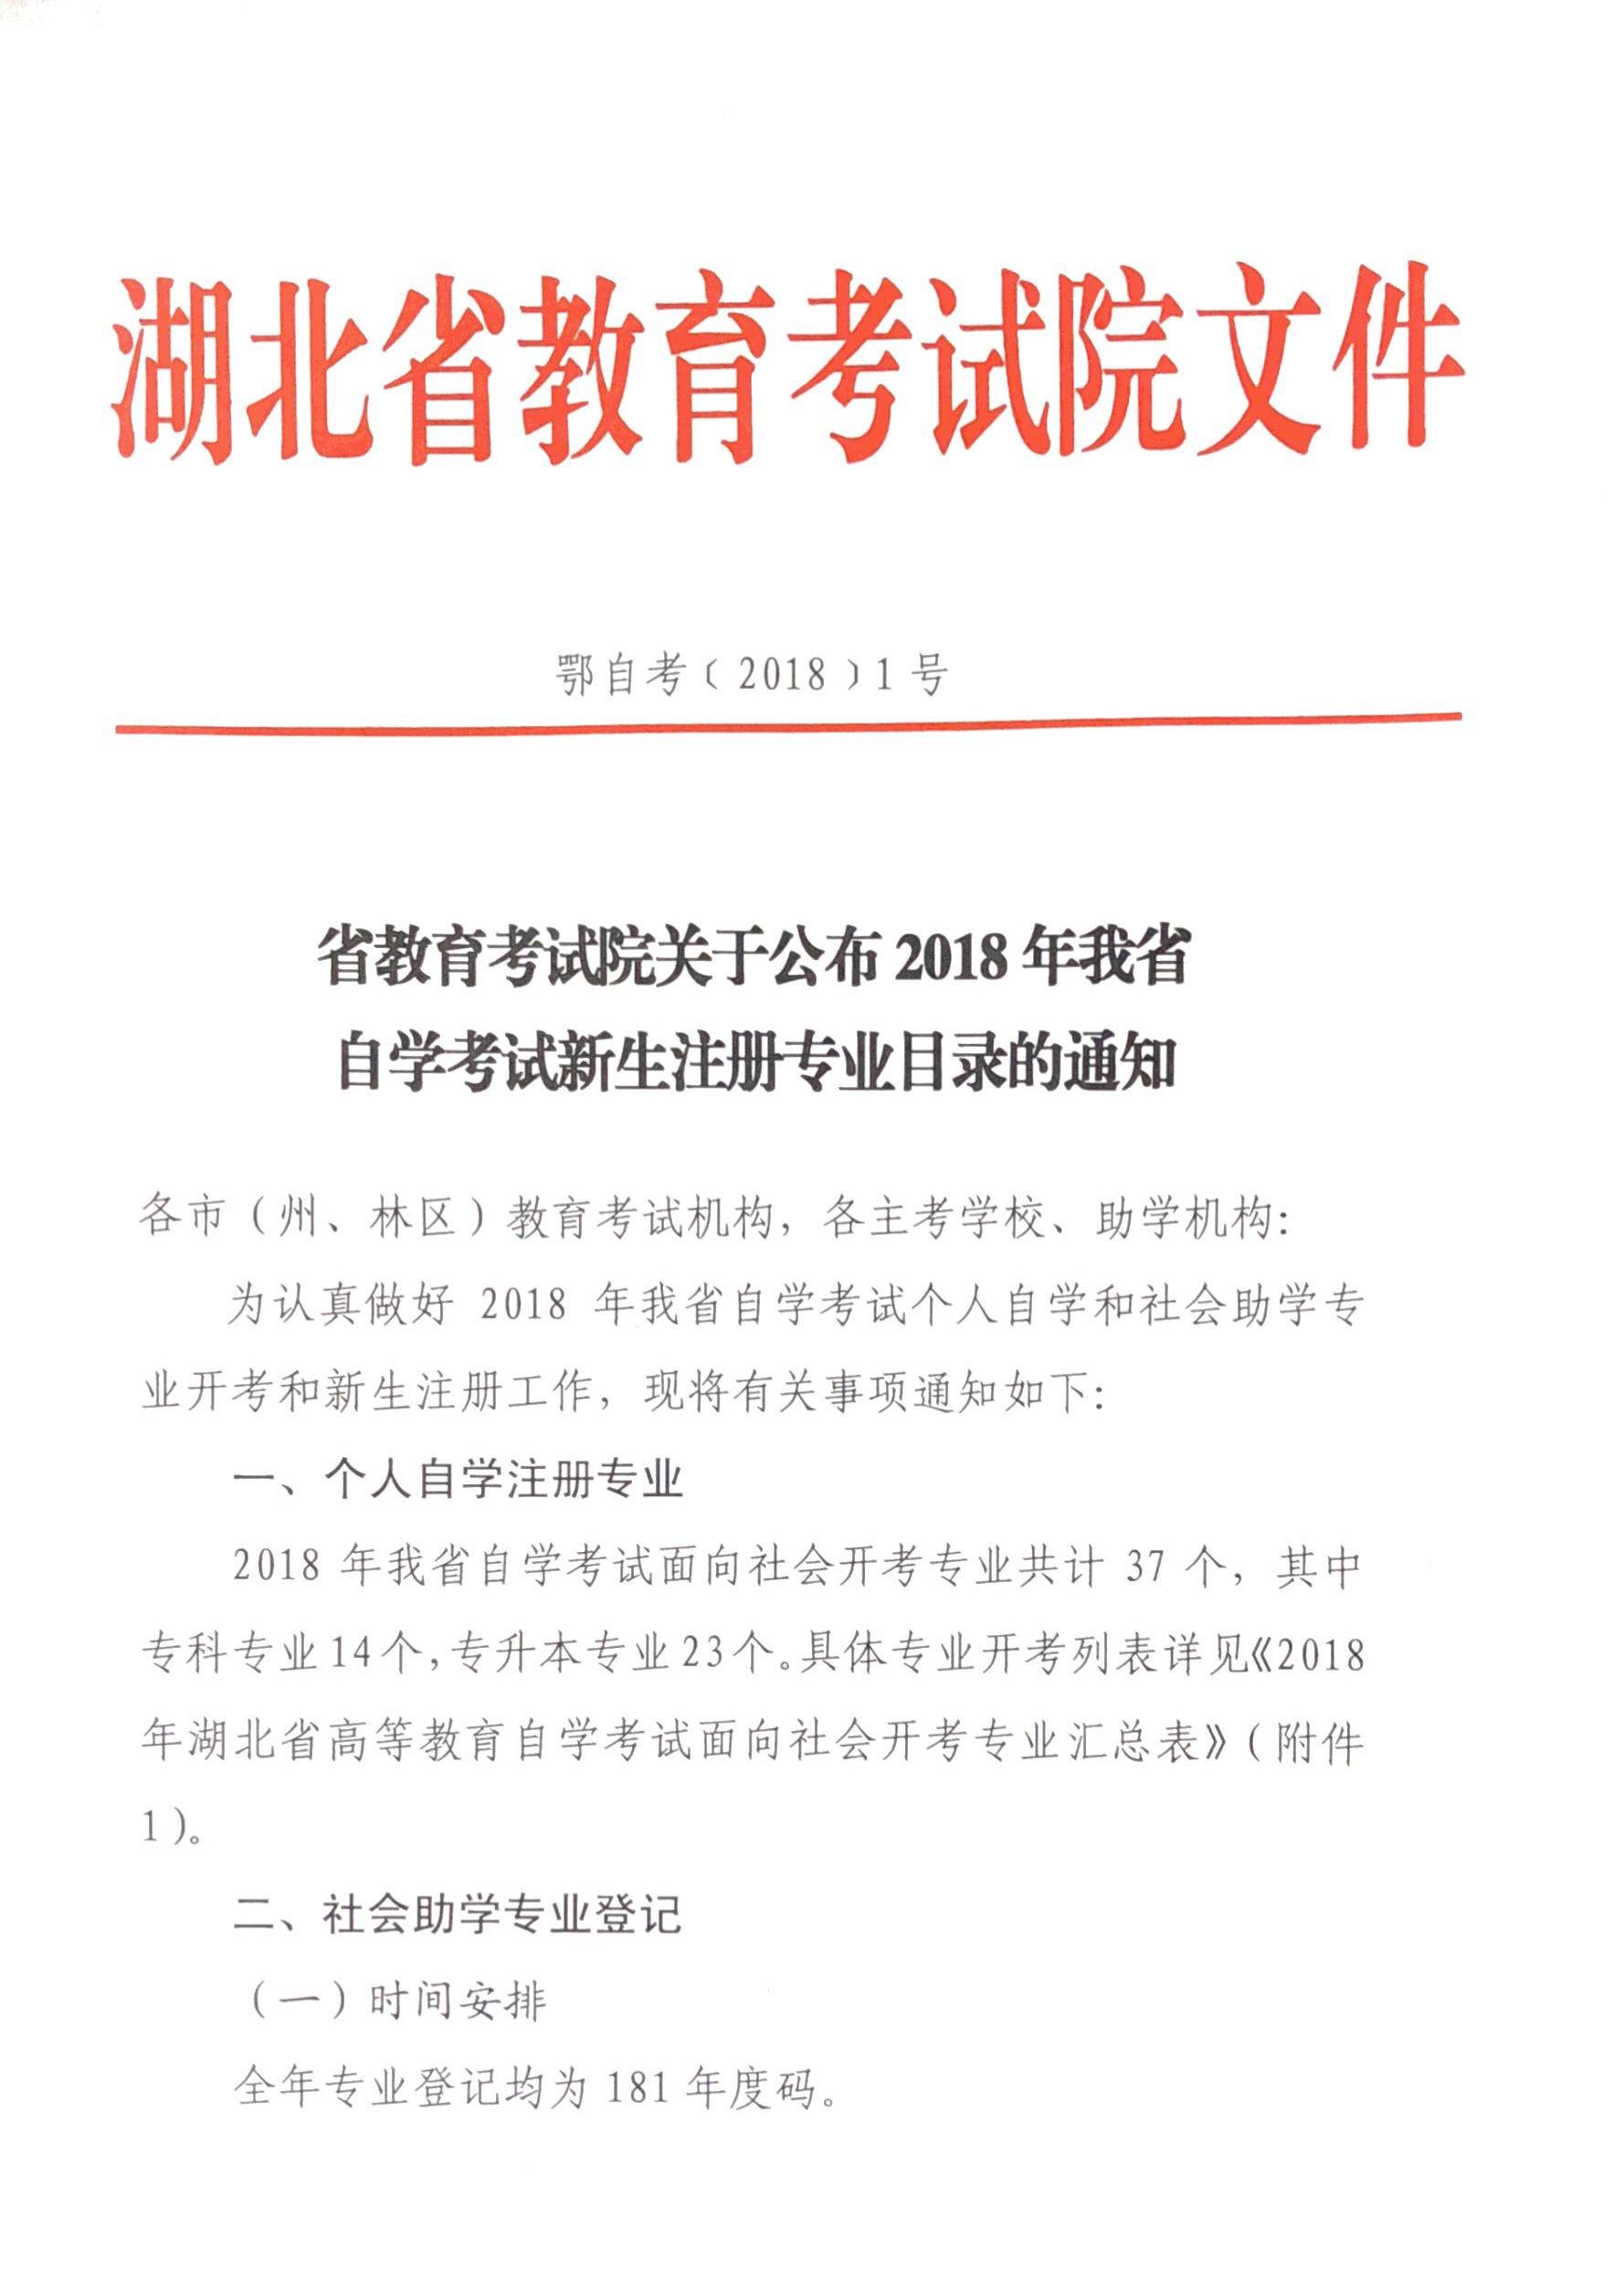 长江大学关于2018年湖北省自学考试新生注册专业目录